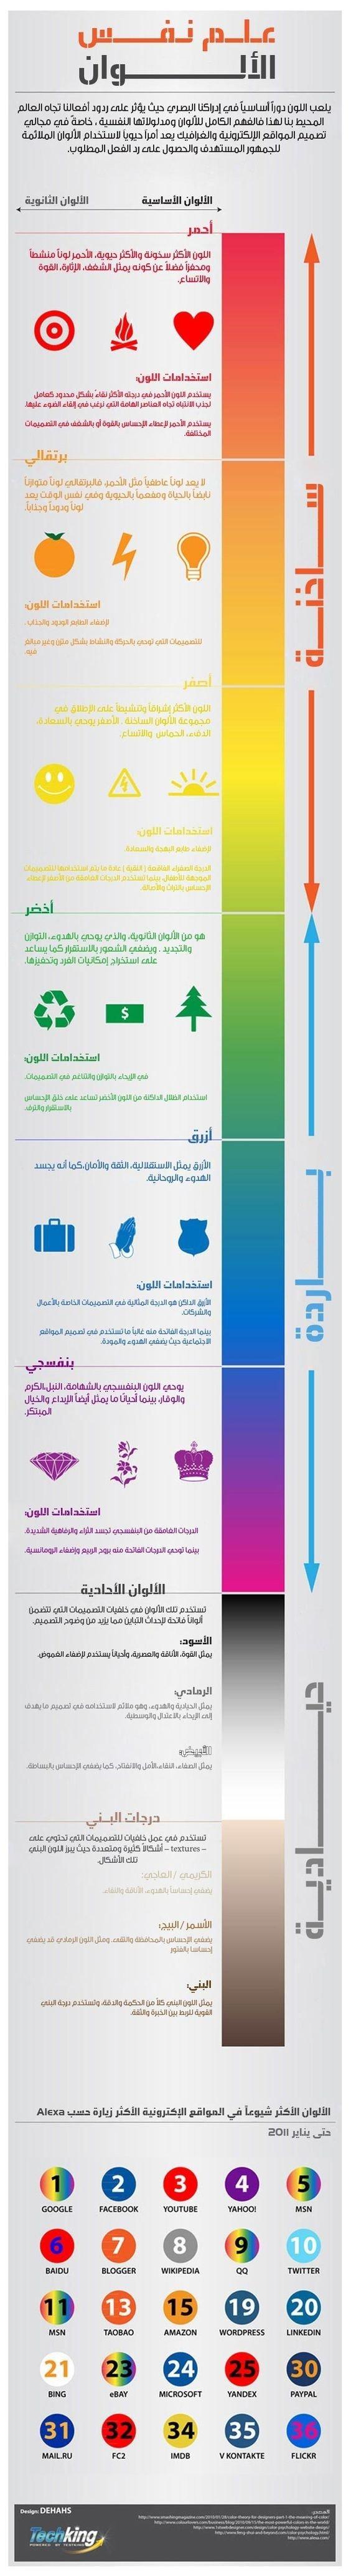 علم نفس الألوان #انفوجرافيك #انفوجرافيك_عربي